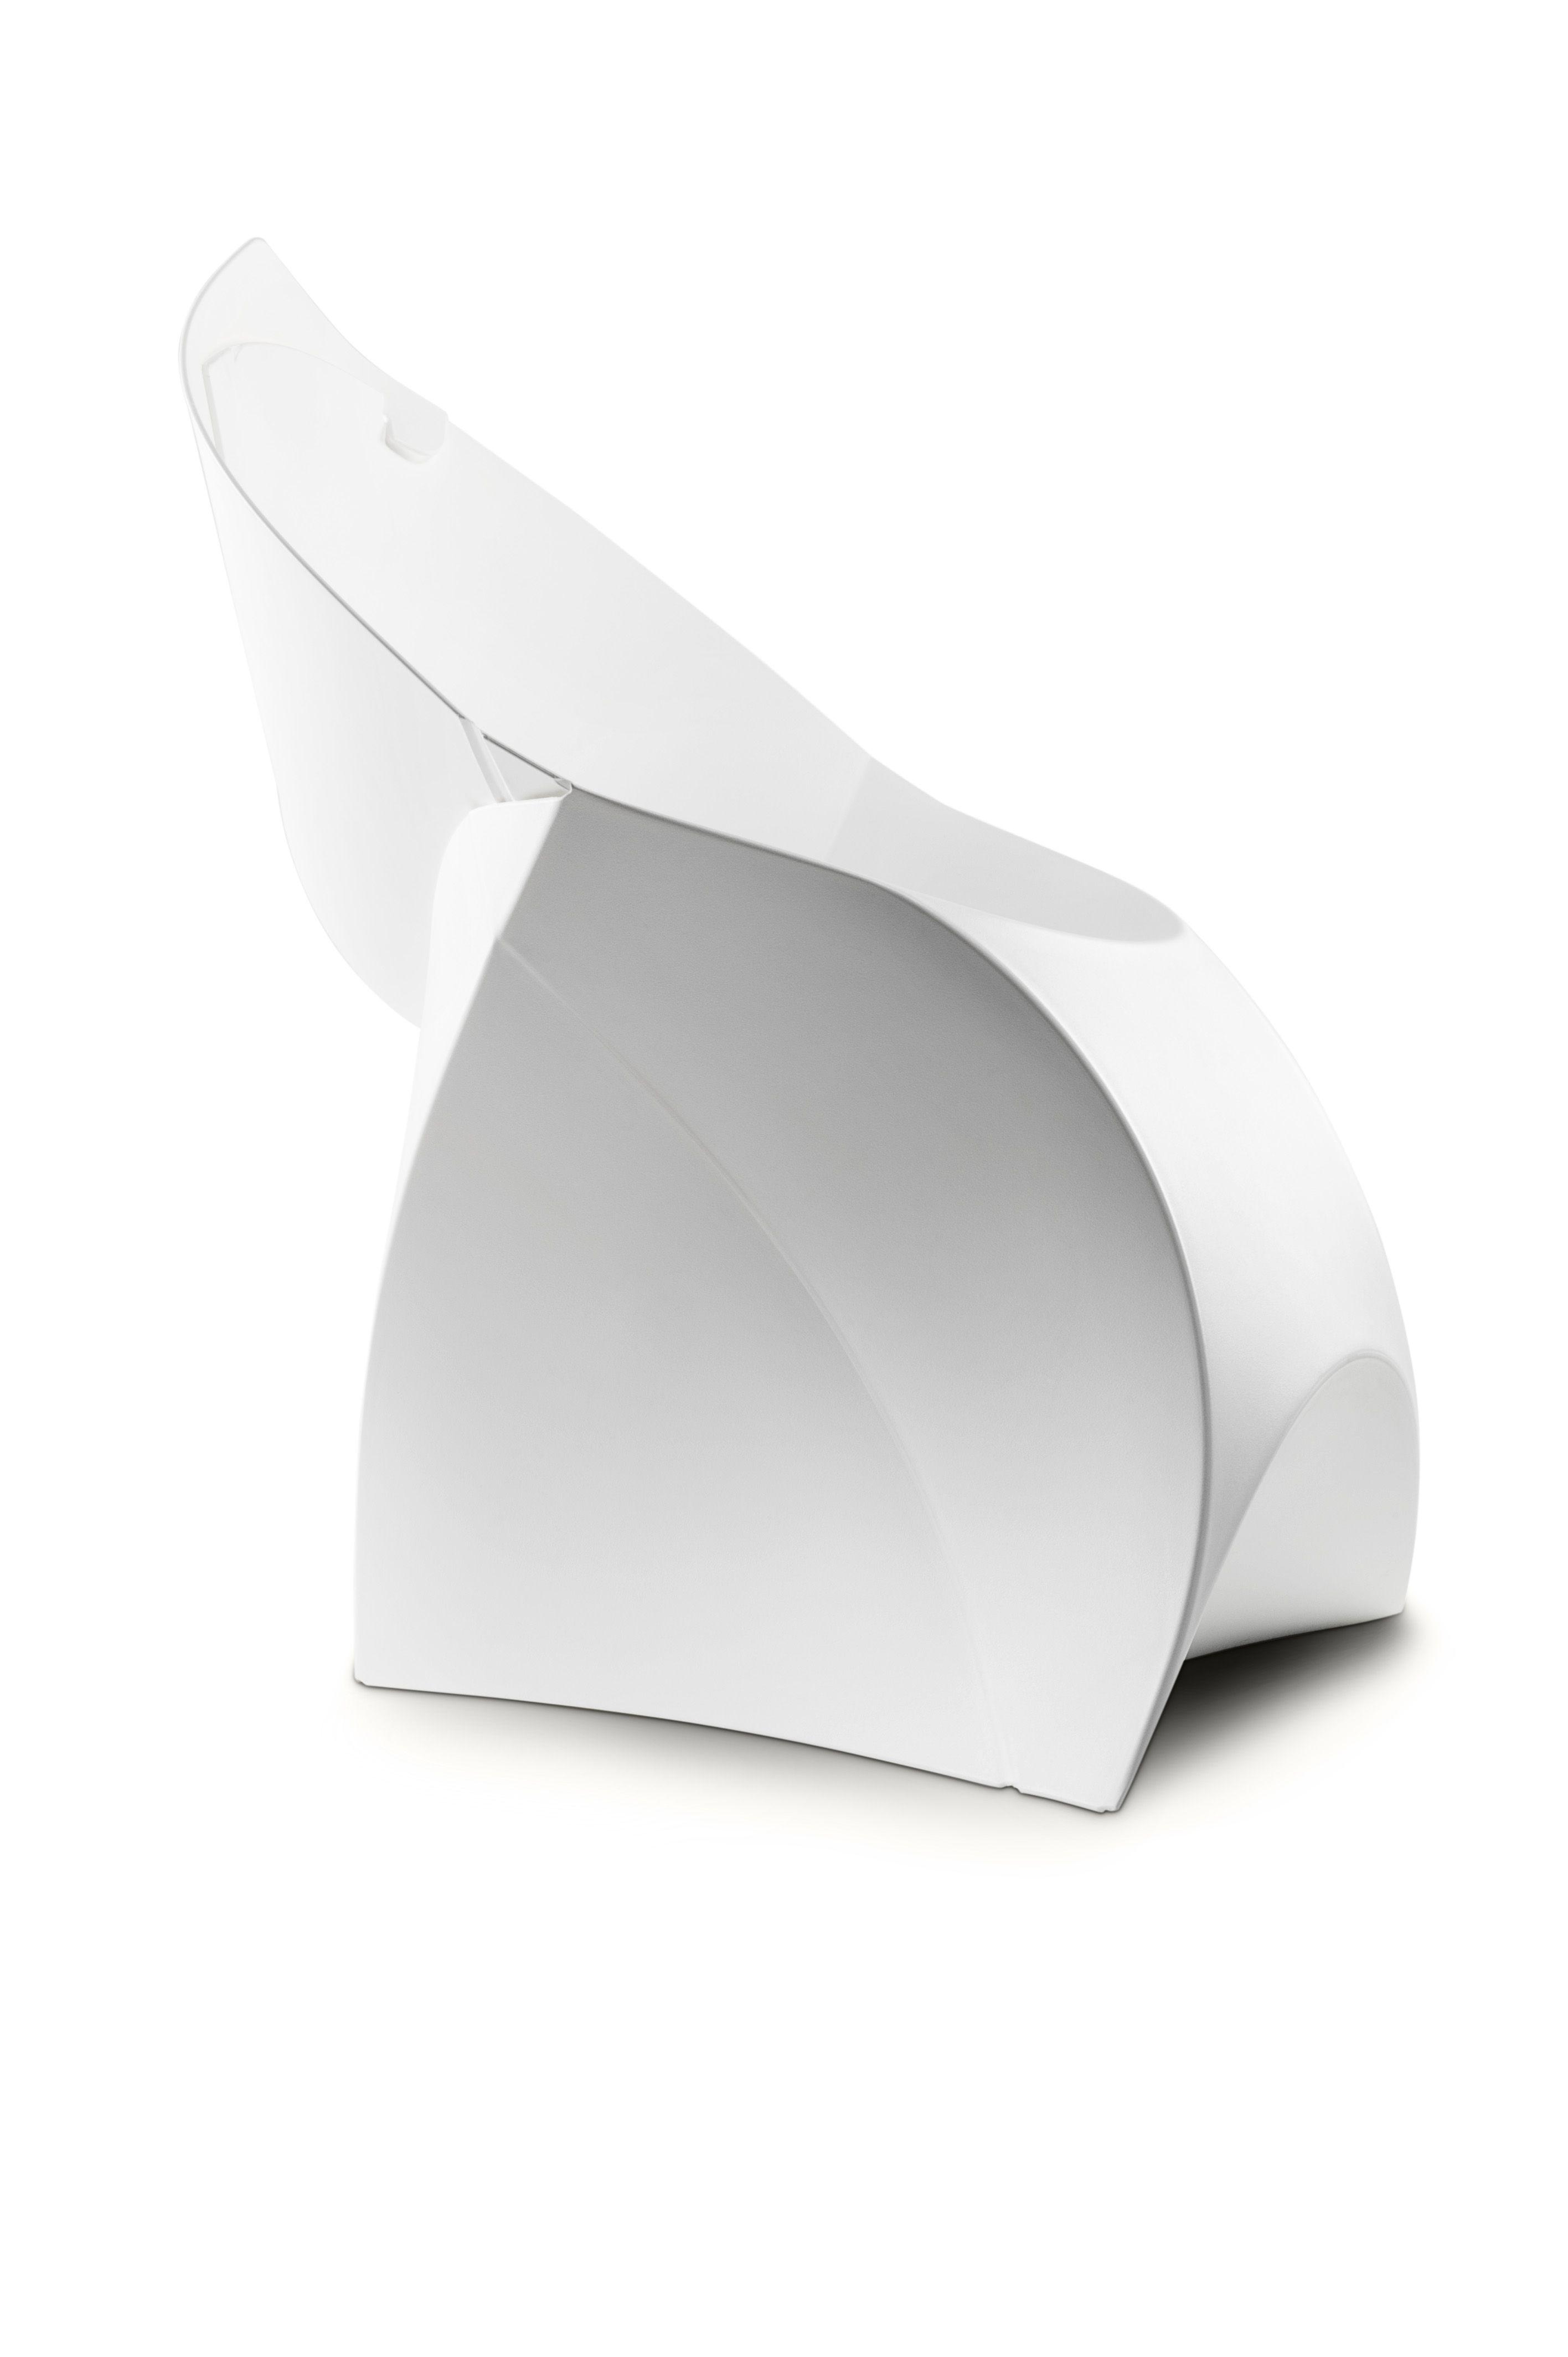 Pin by Eszti L on Flux meubilair Unique chairs design